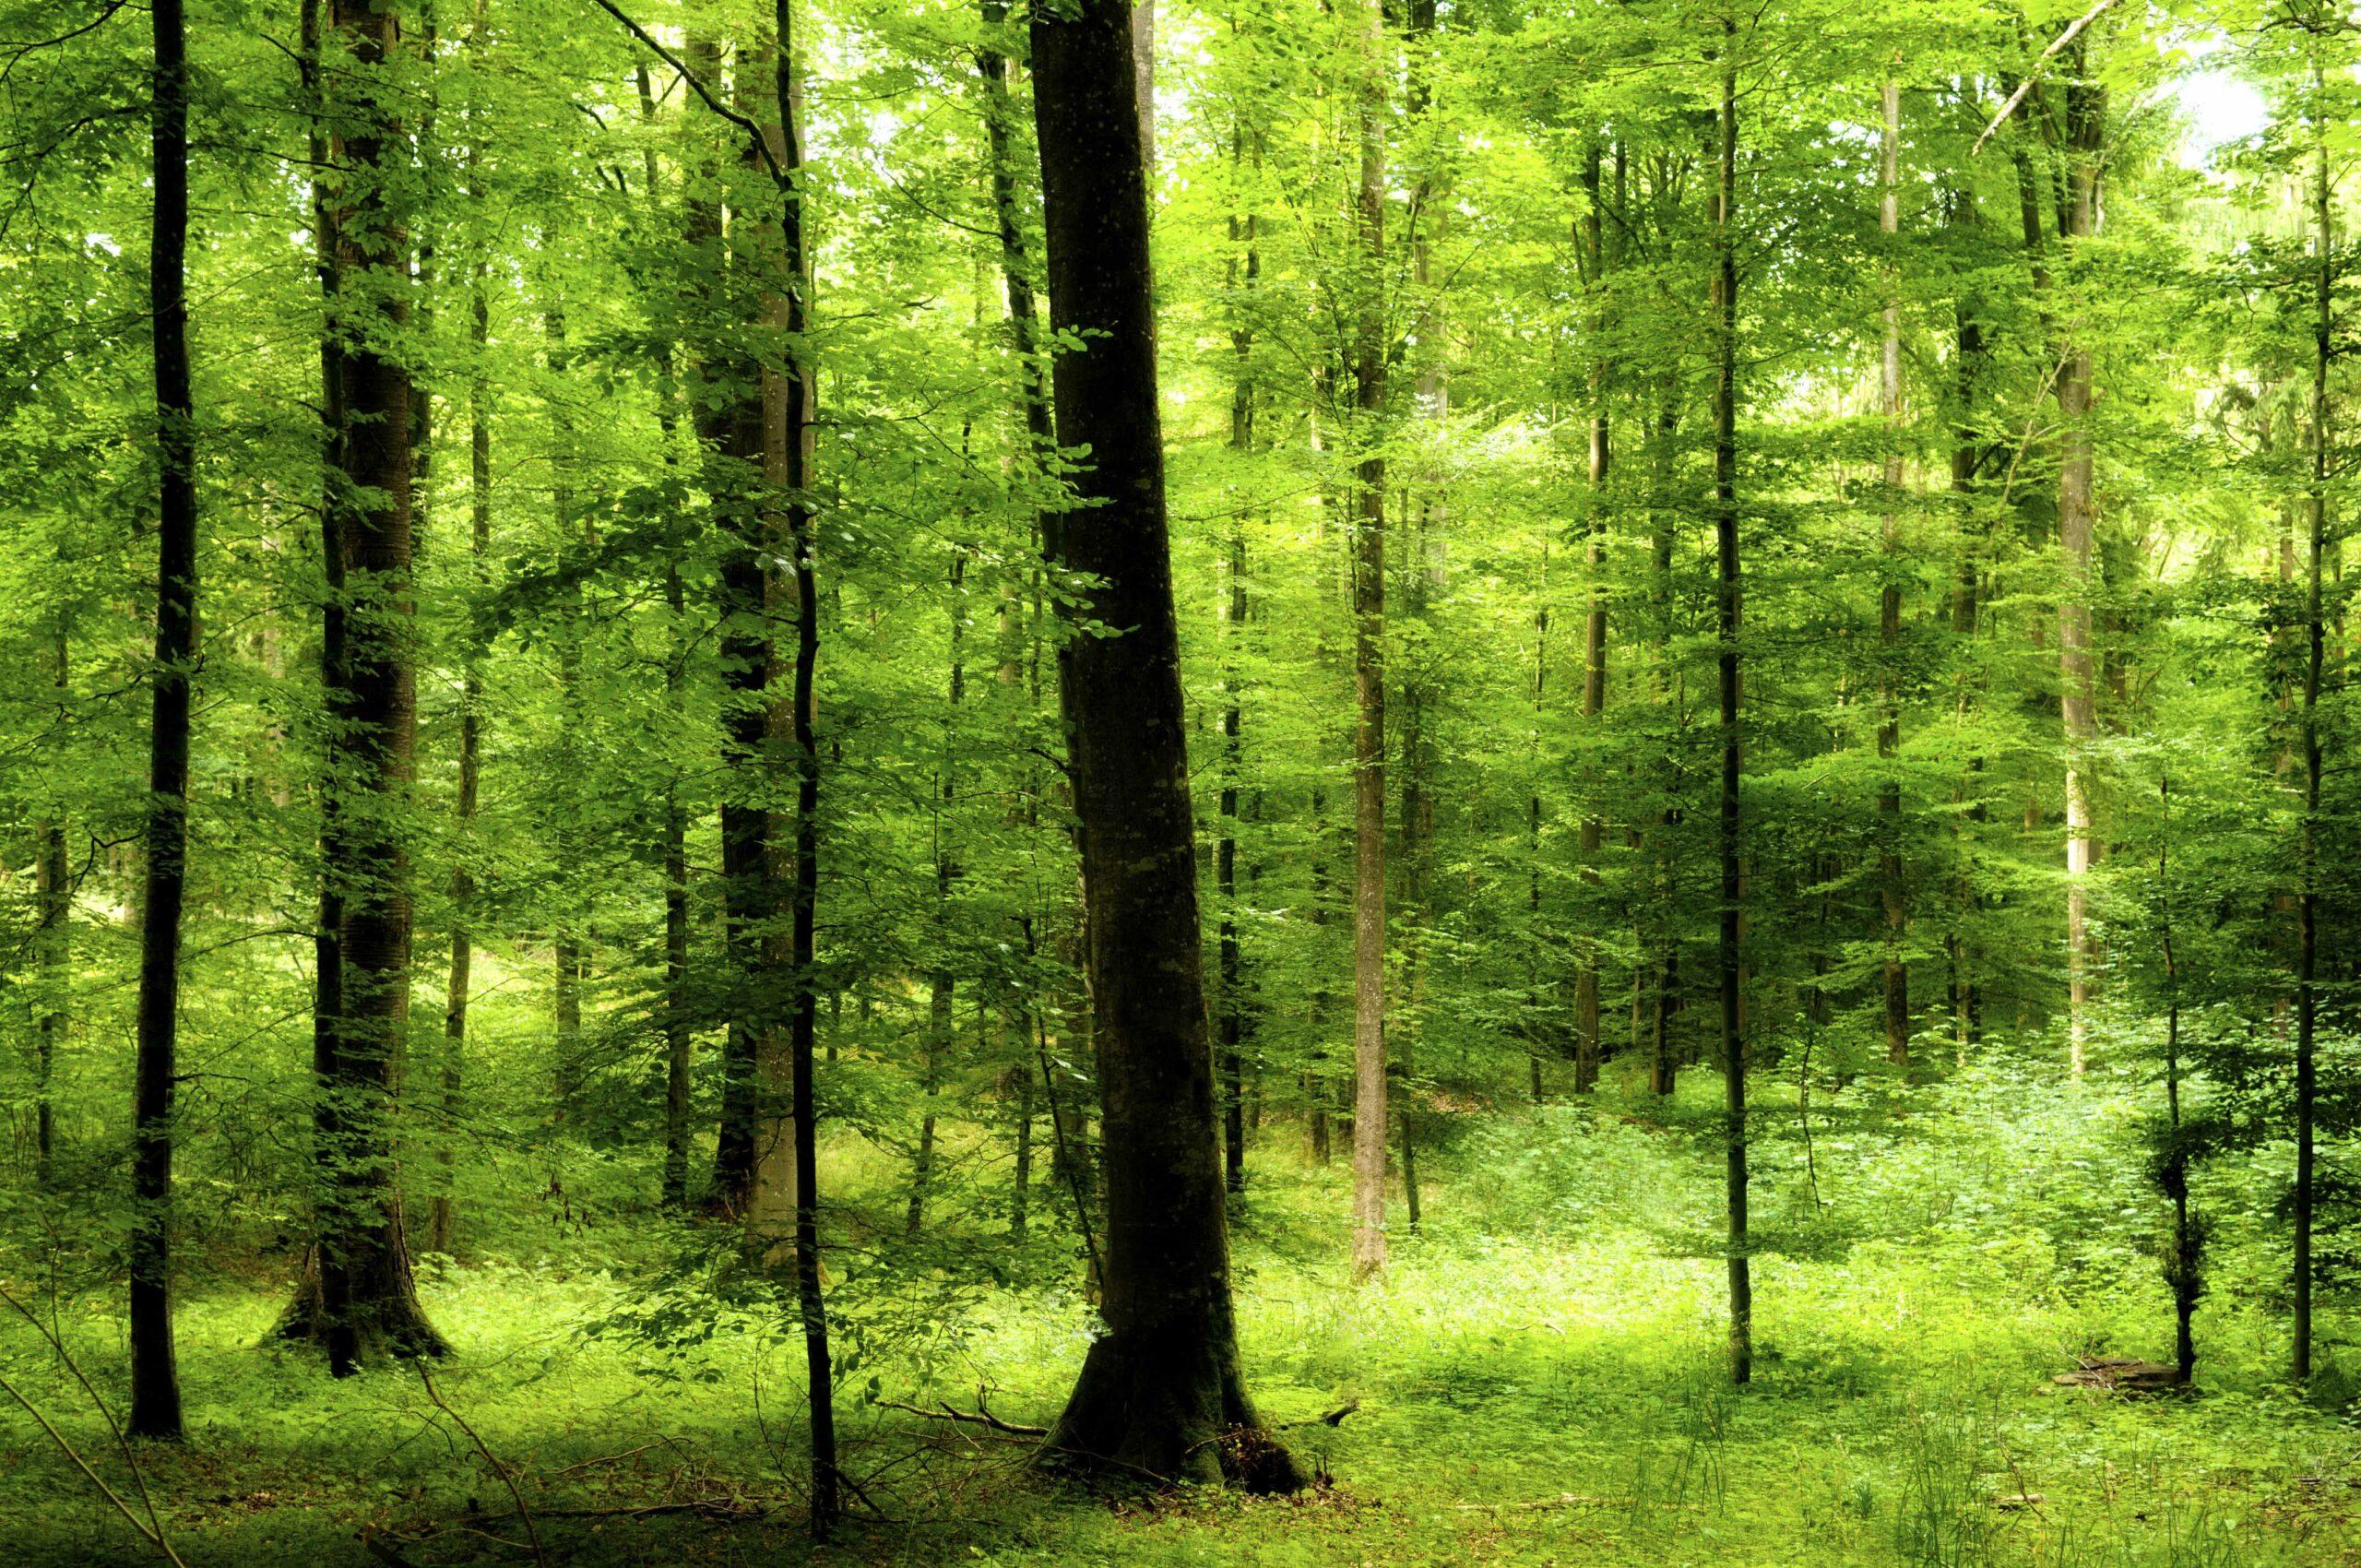 Forstleute für einen Nationalpark Spessart